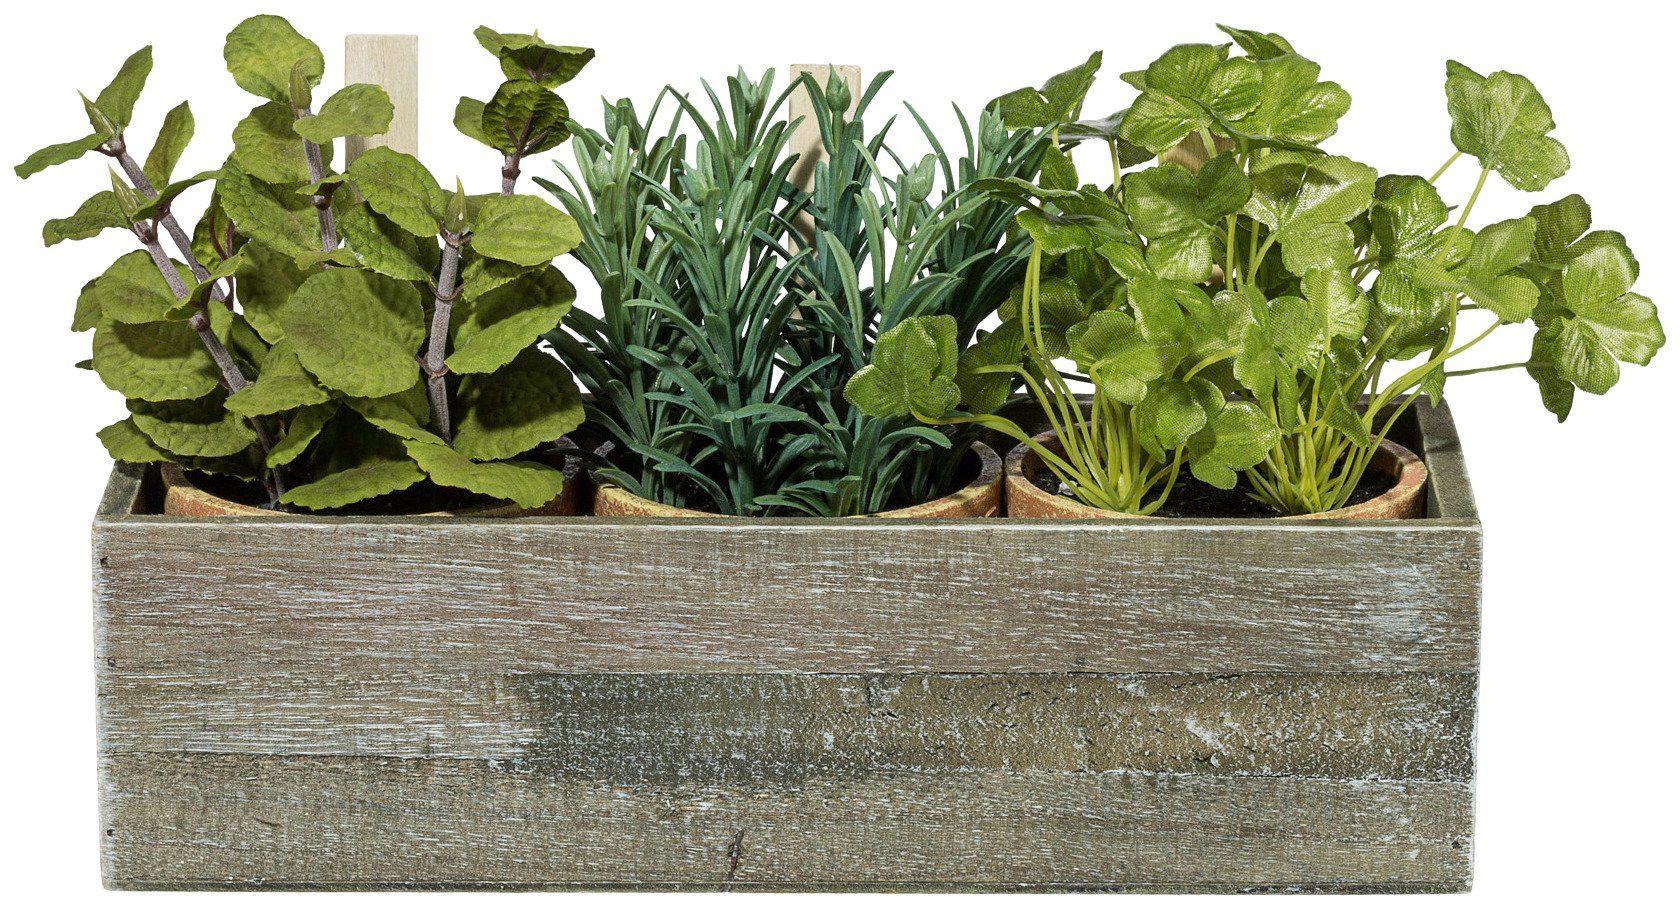 Kunstpflanze »Kräutermix« inkl. Pflanzgefäß